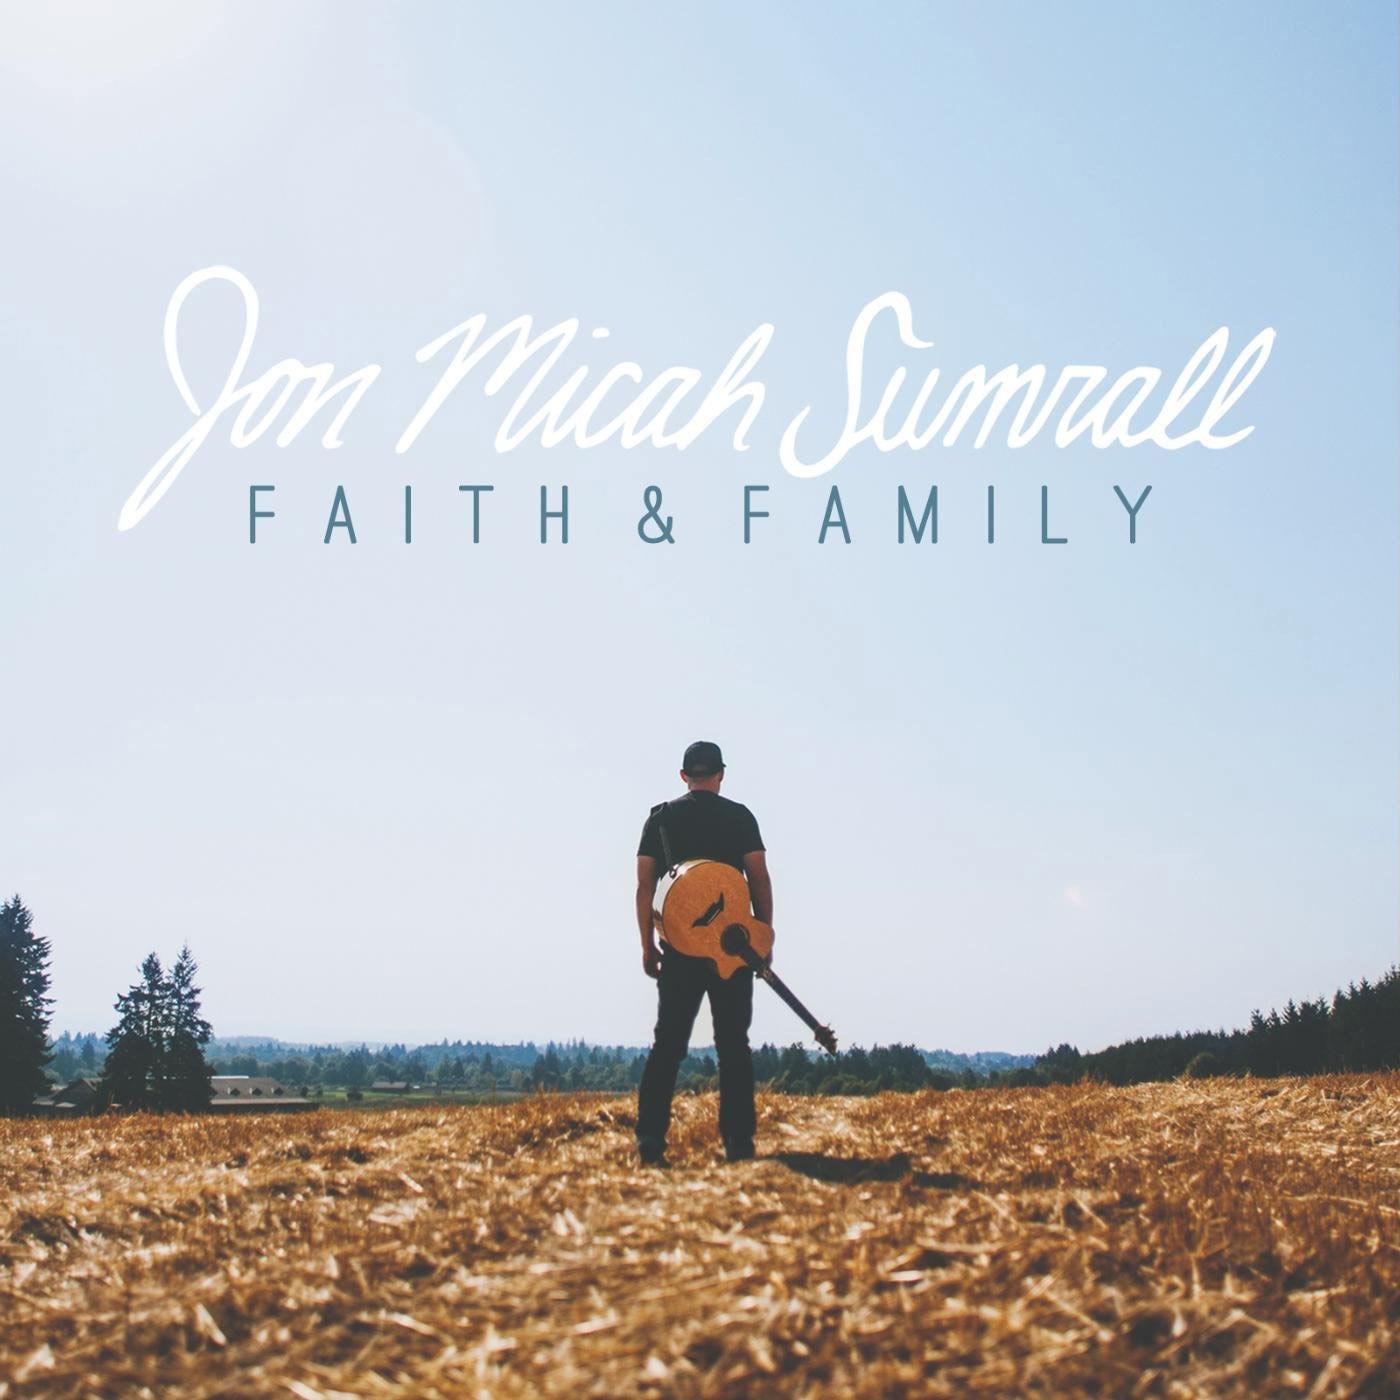 Faithandfamily